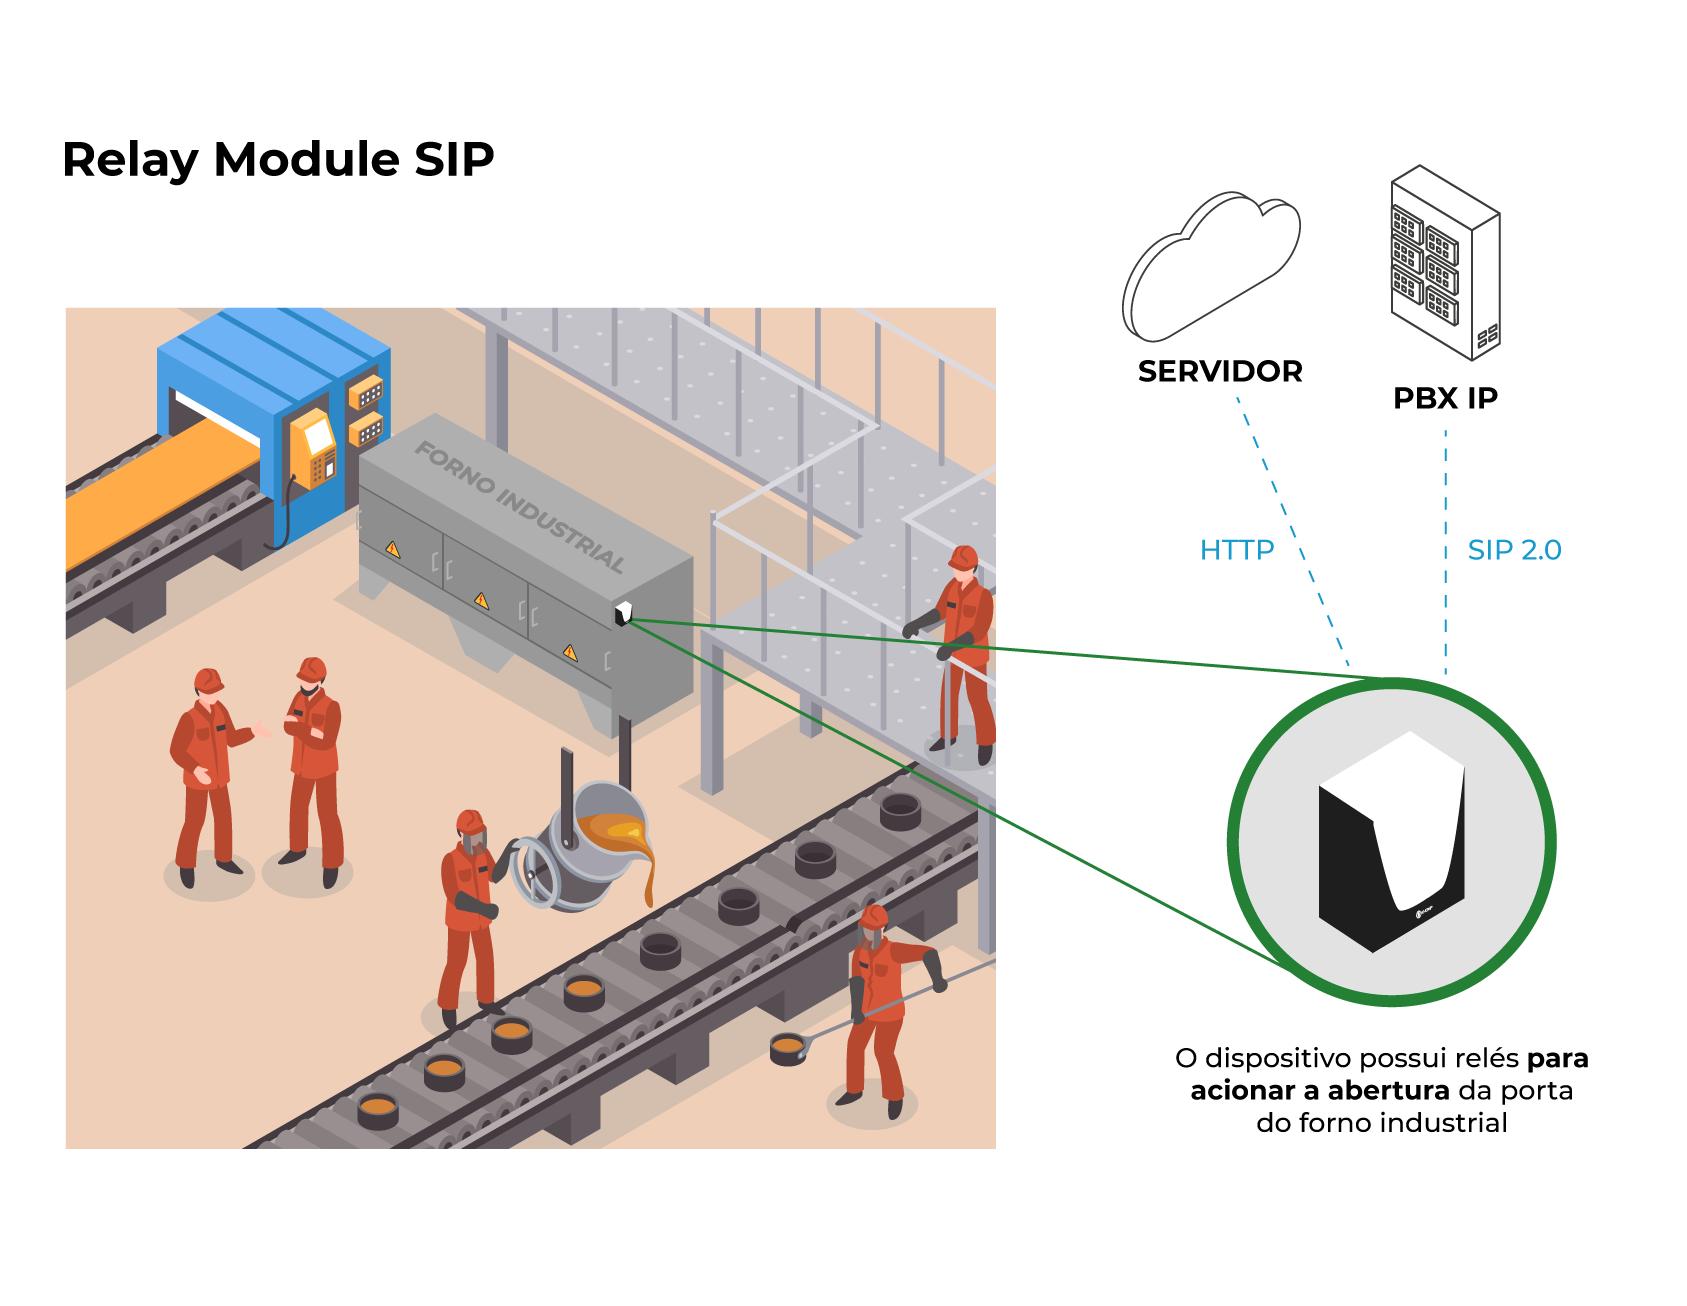 Modelo de aplicação - Relay Module SIP